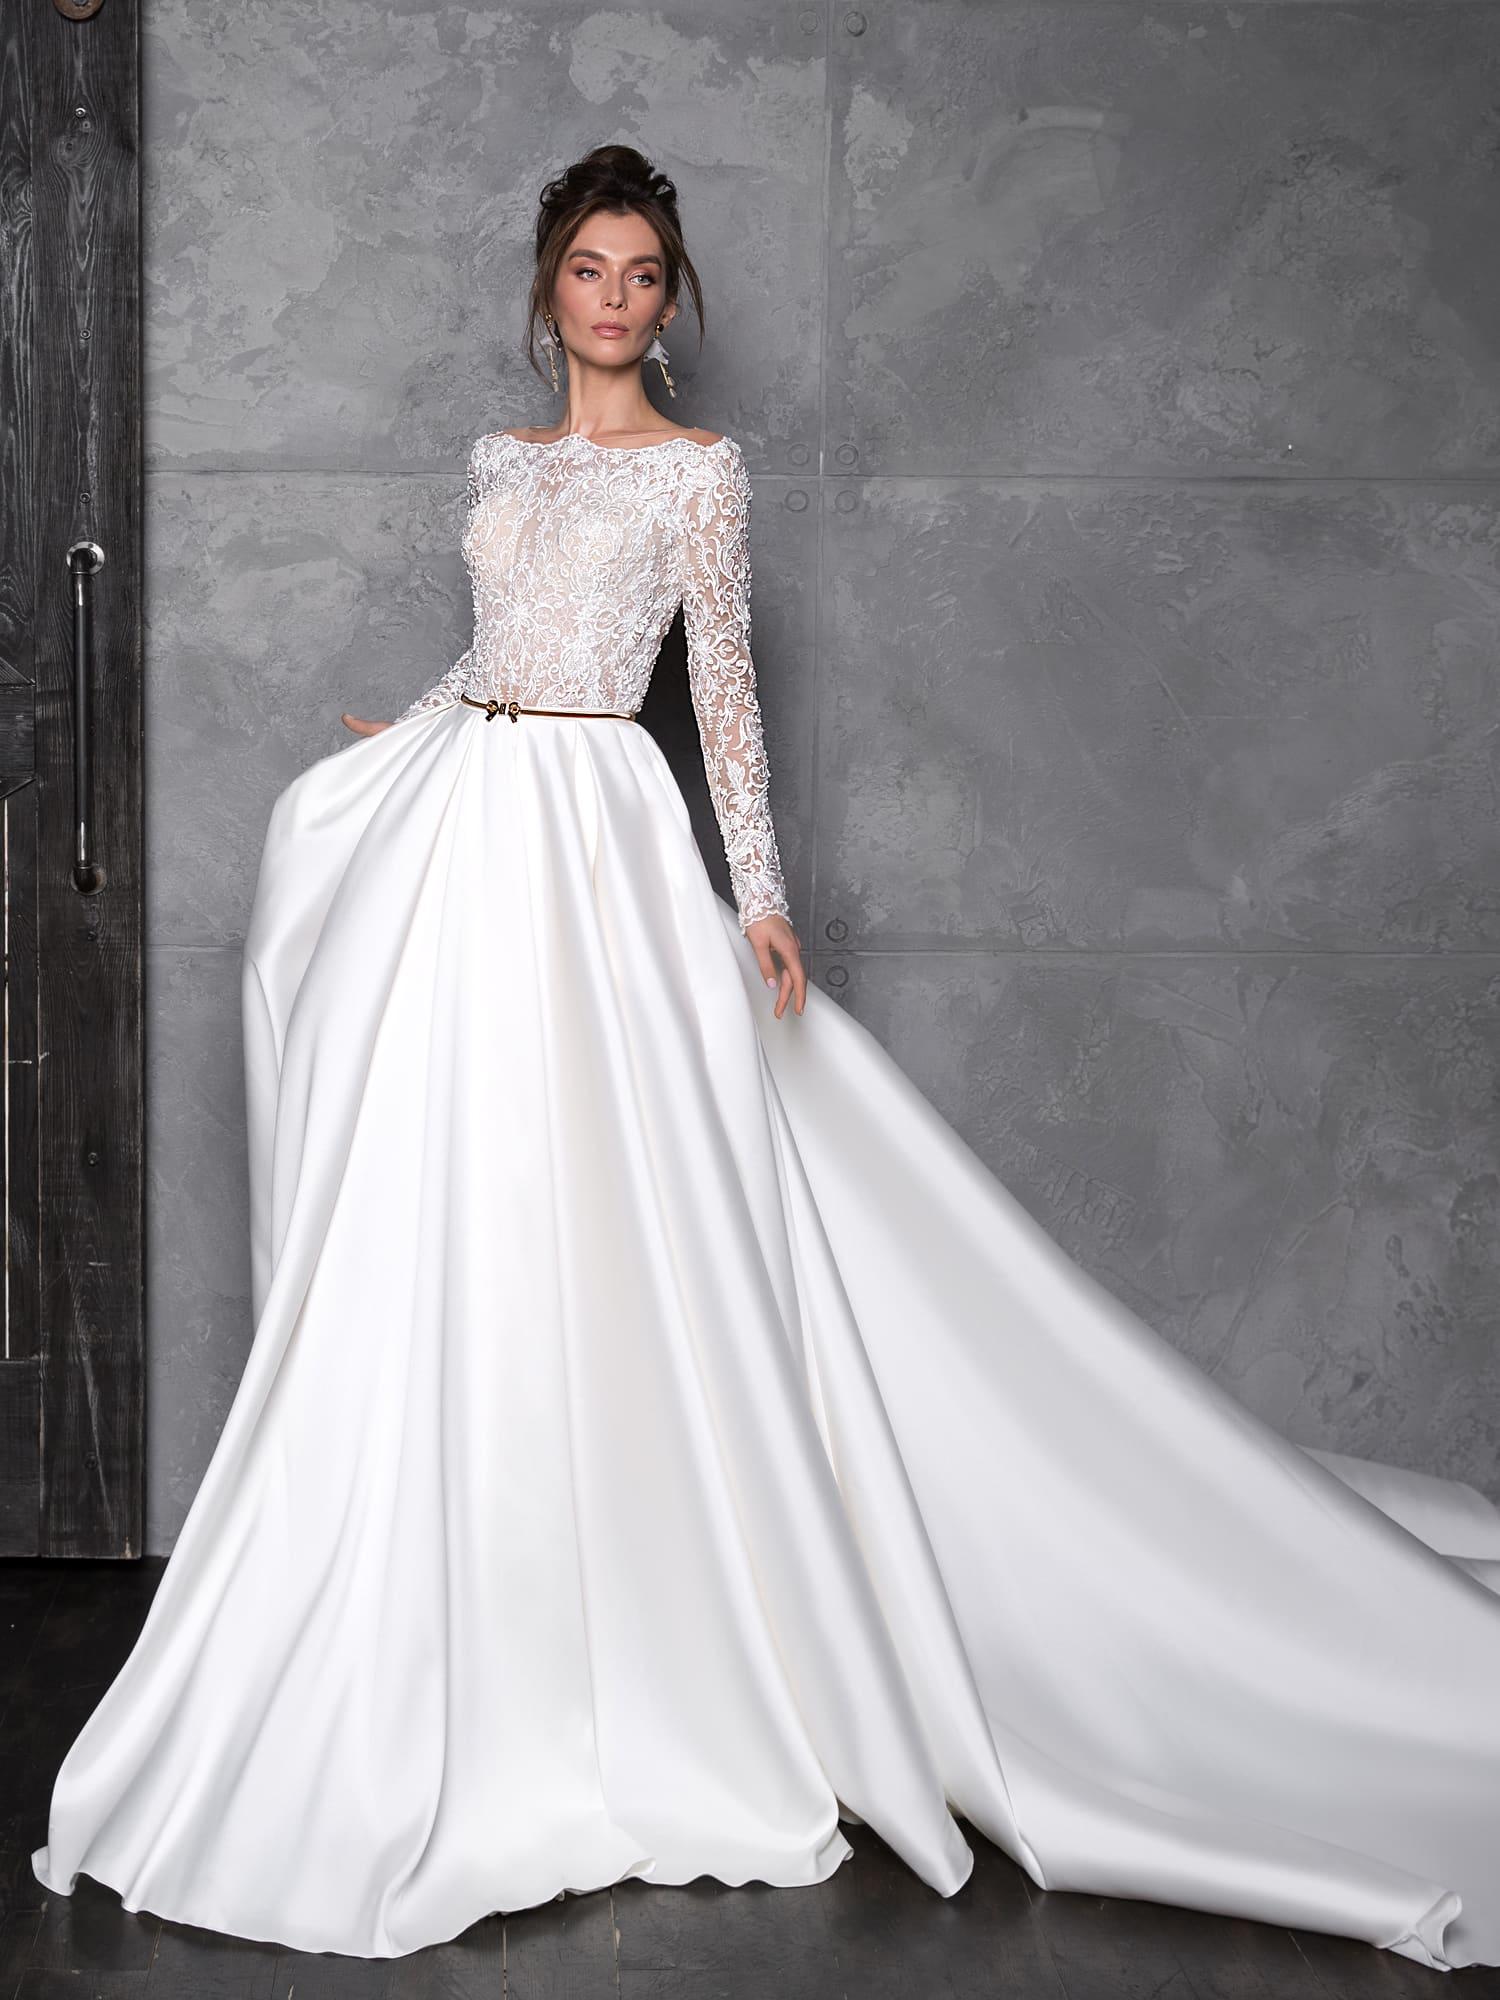 Платье на свадьбу. Как выбрать?